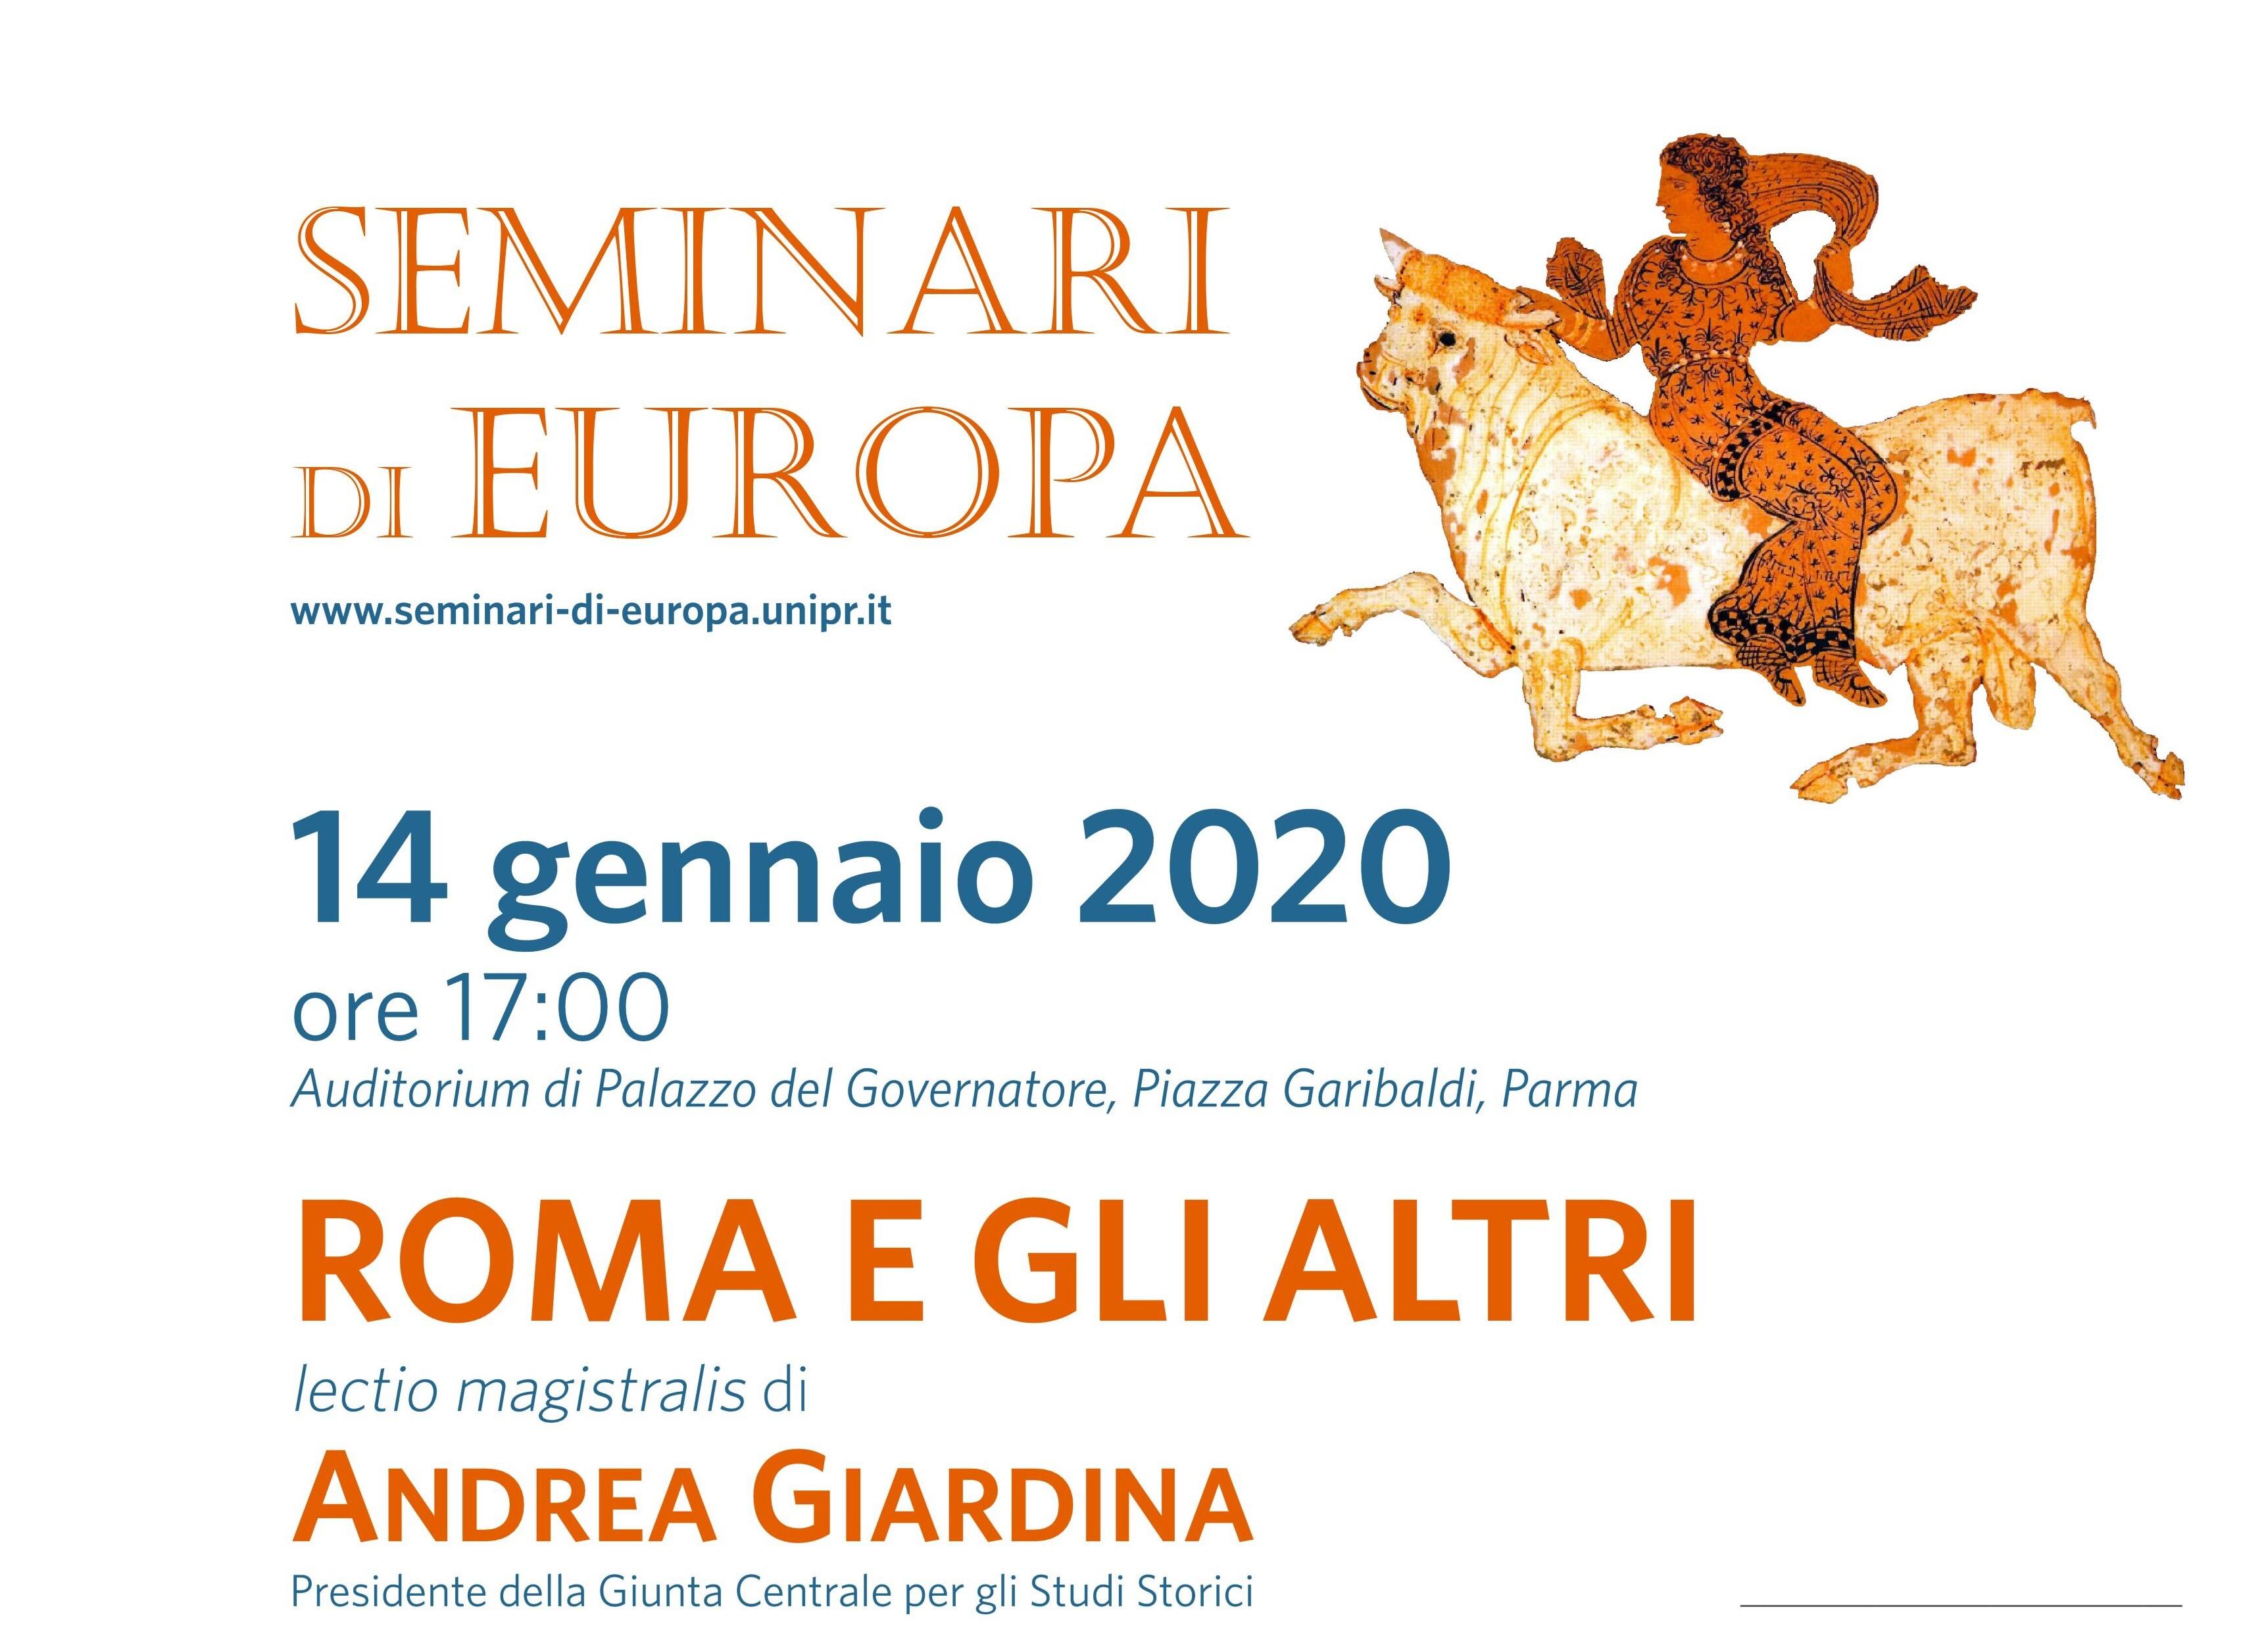 """""""ROMA E GLI ALTRI"""", LECTIO MAGISTRALIS DI ANDREA GIARDINA"""